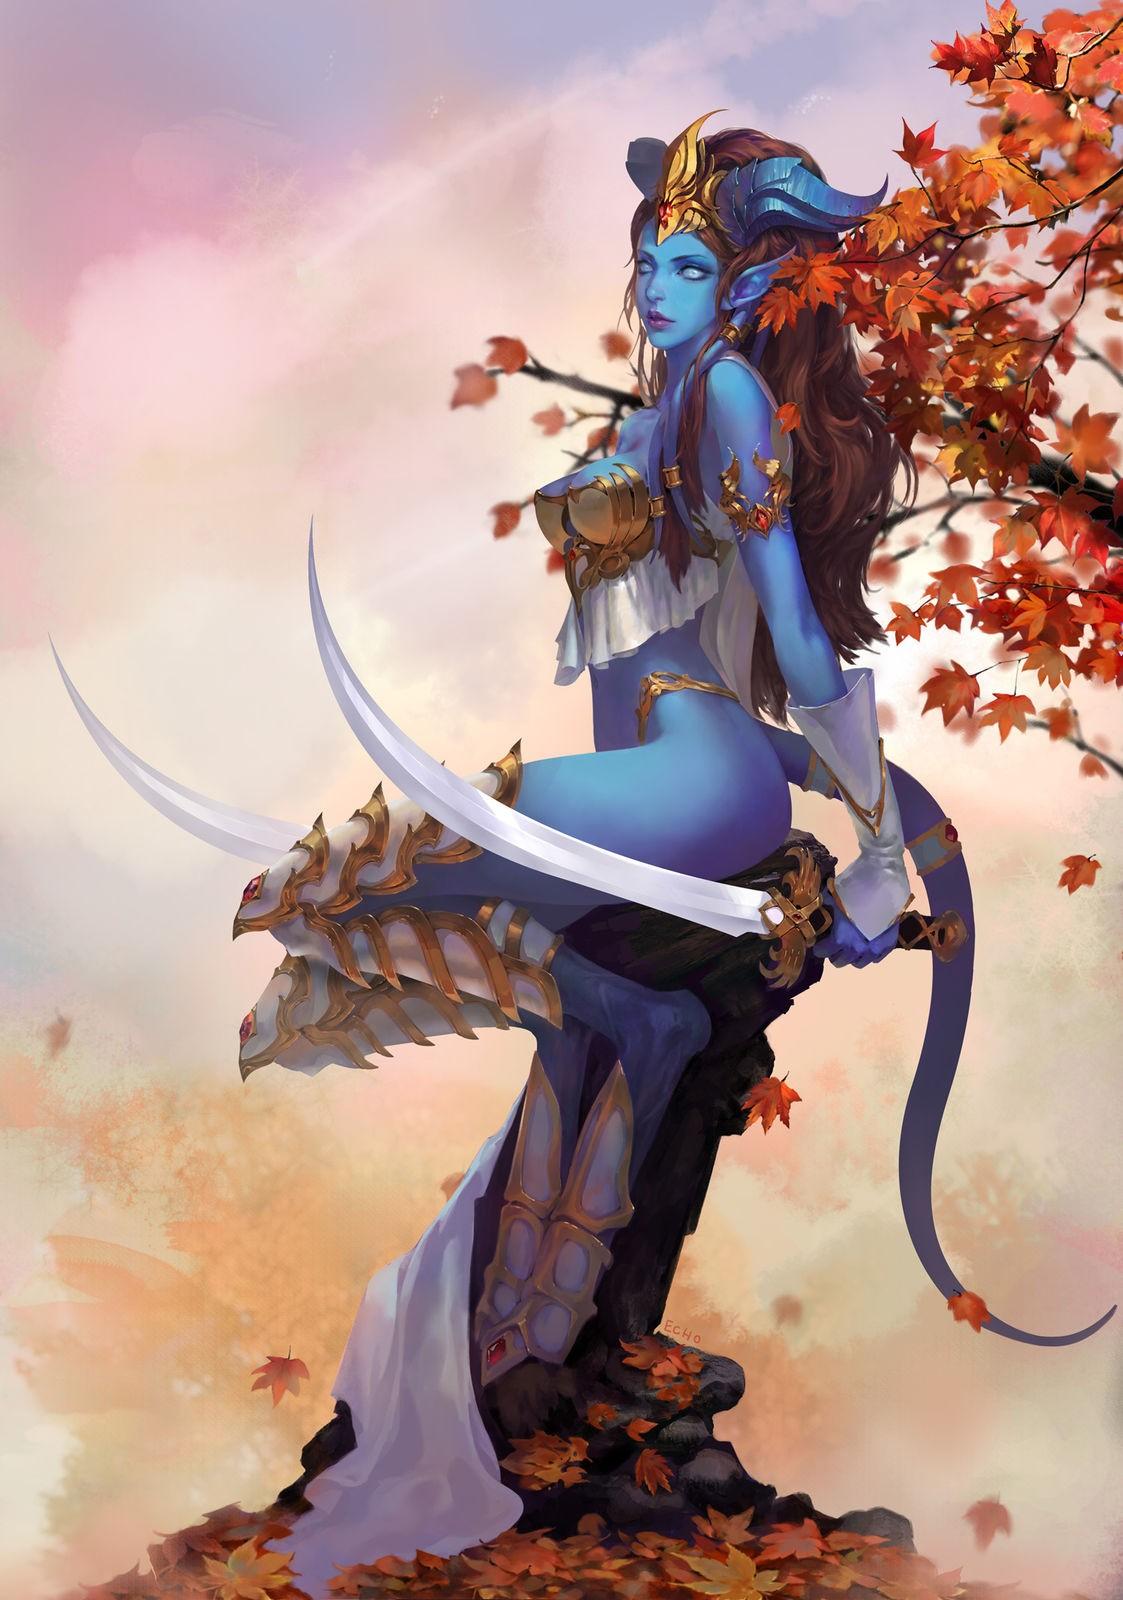 Draenei warrior female art pron pictures